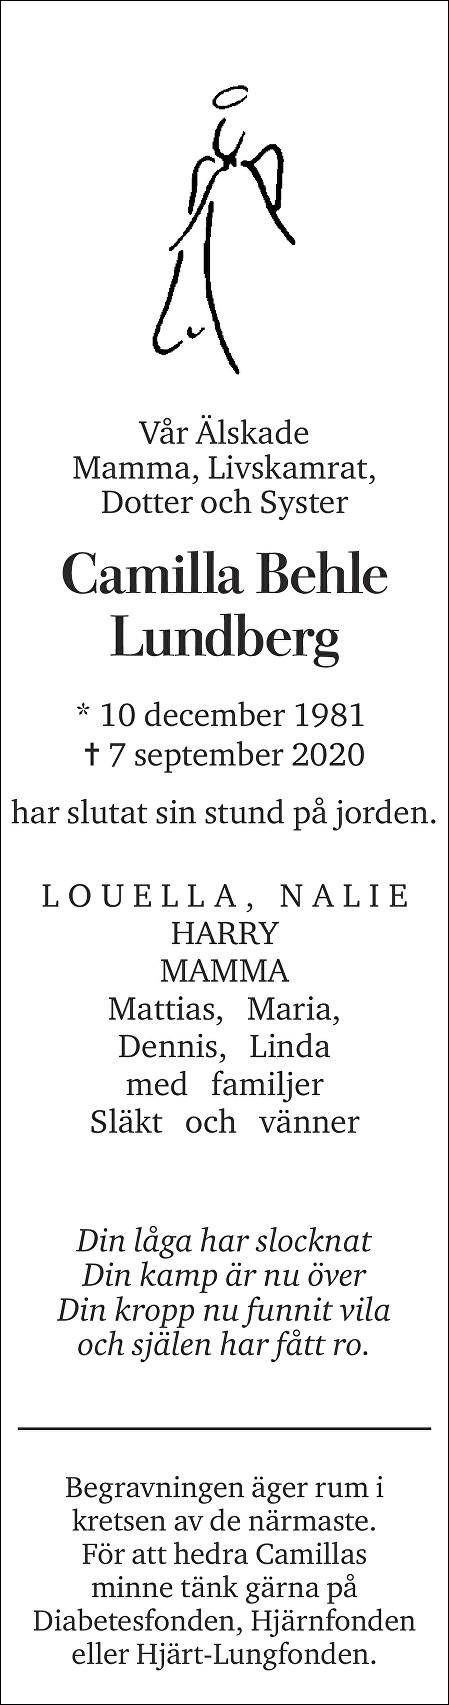 Camilla Behle Lundberg Death notice